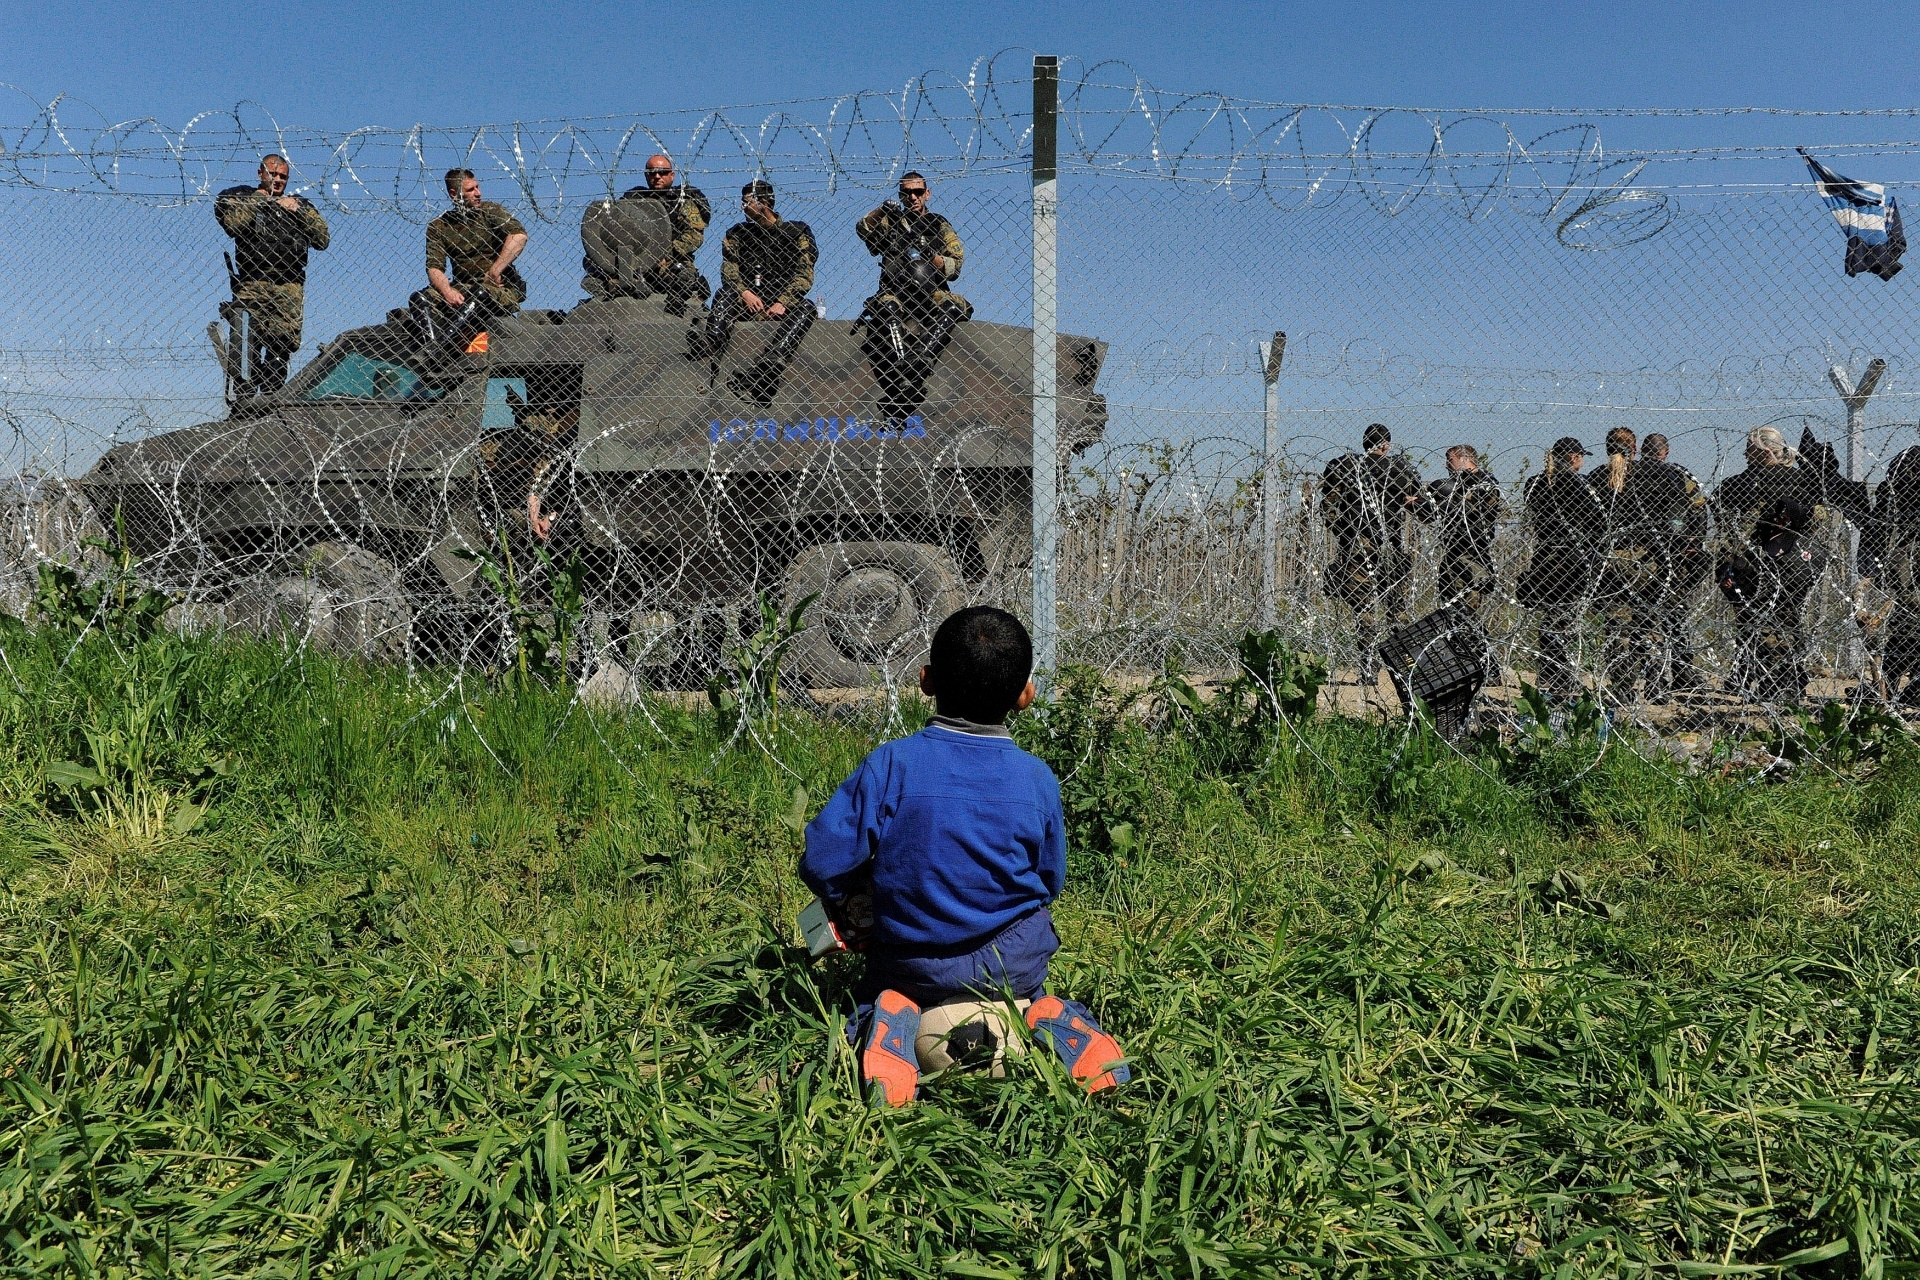 12.abr.2016 - Cerca marca a fronteira entre a Macedônia e a Grécia no campo improvisado de refugiados na vola grega de Idomeni. Um recente acordo assinado entre a União Europeia e a Turquia prevê a deportação de migrantes ilegais que entraram na Europa